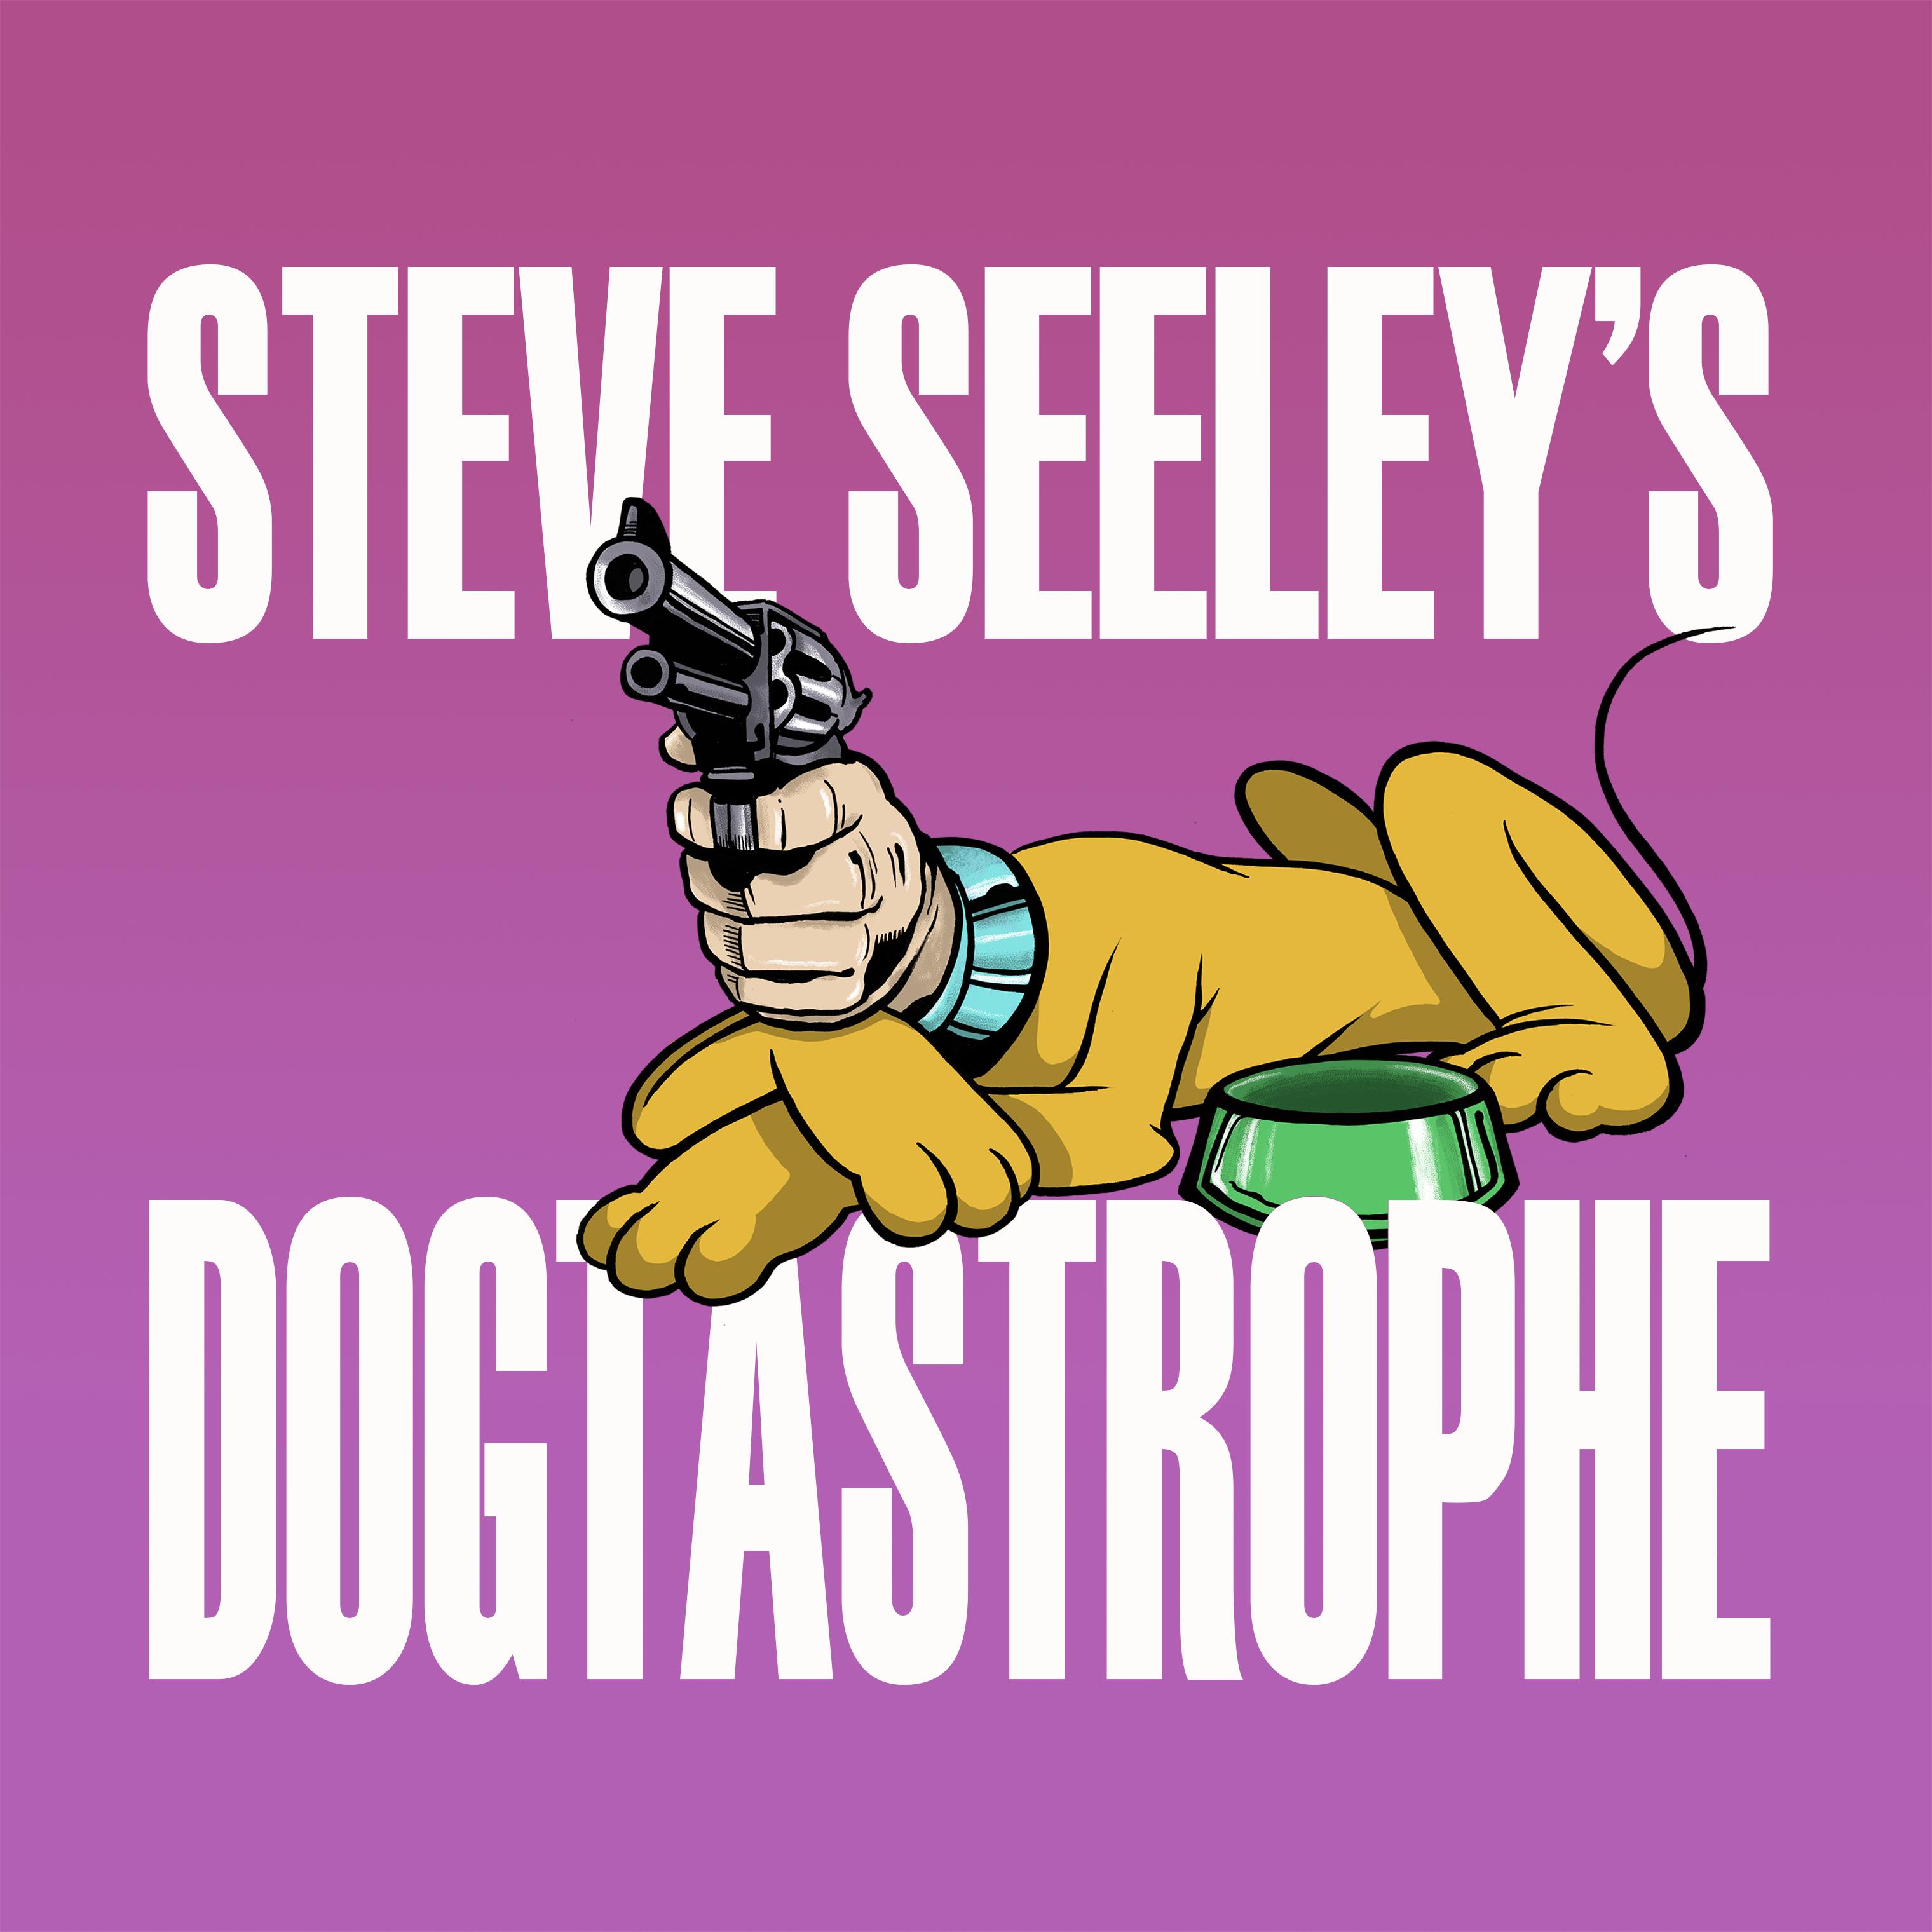 Steve Seeley